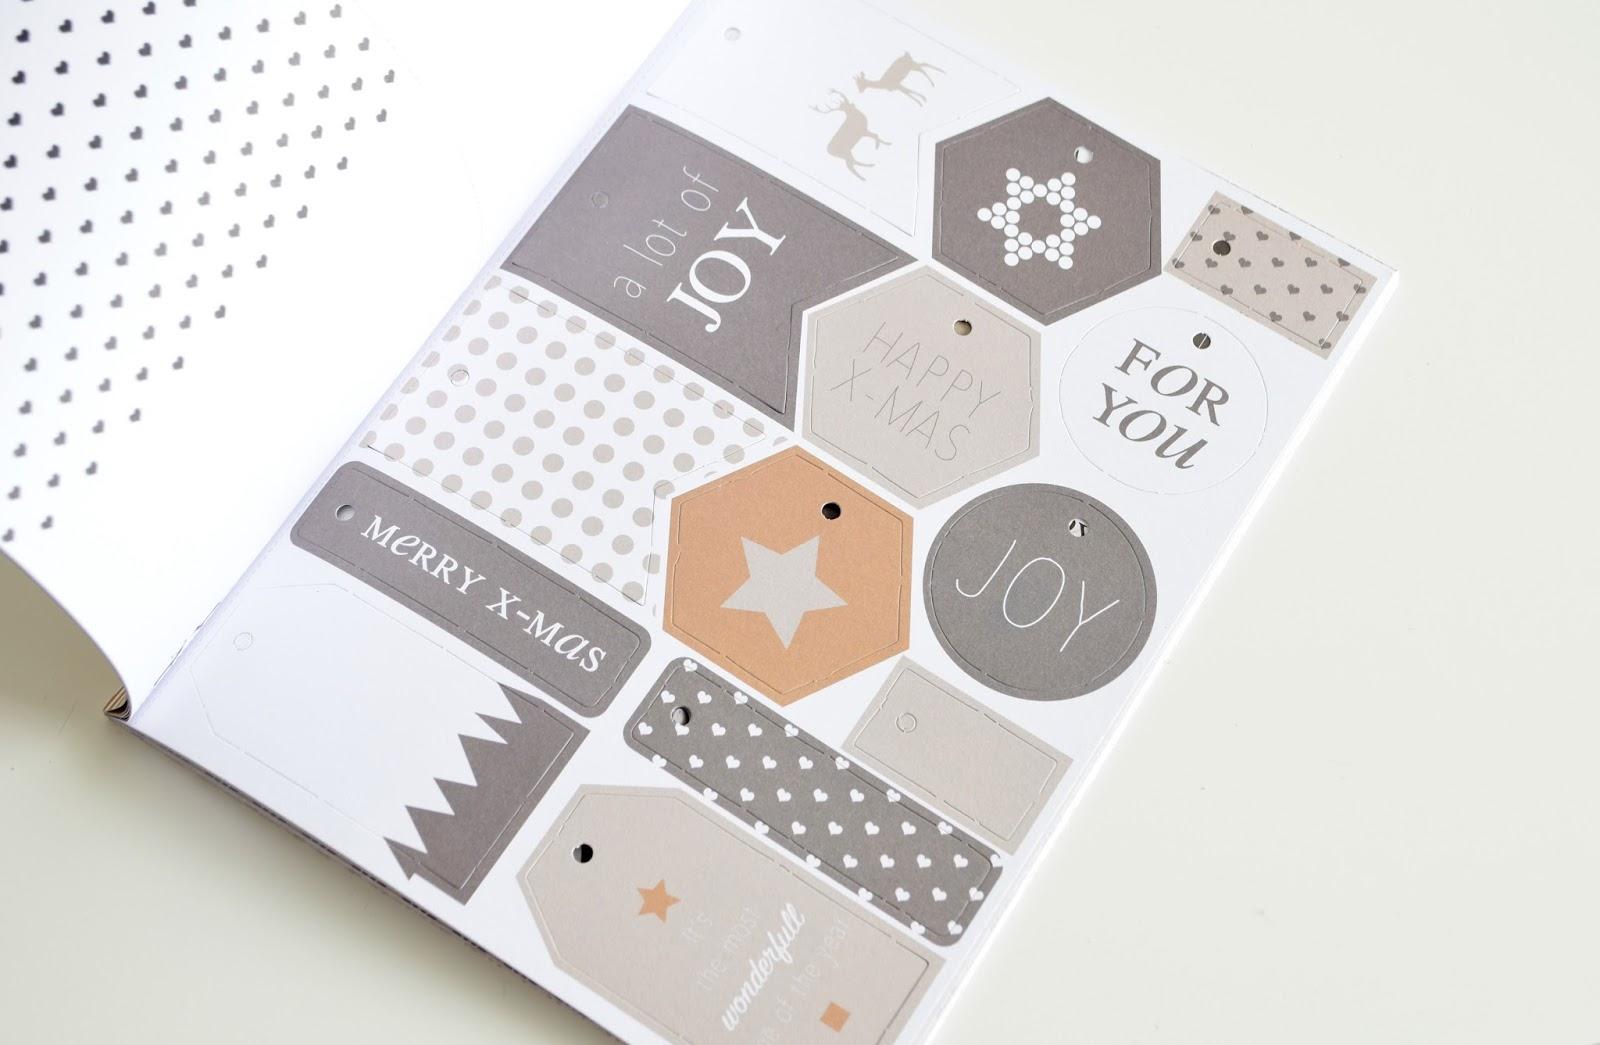 Świąteczny zeszyt z papierowymi dekoracjami